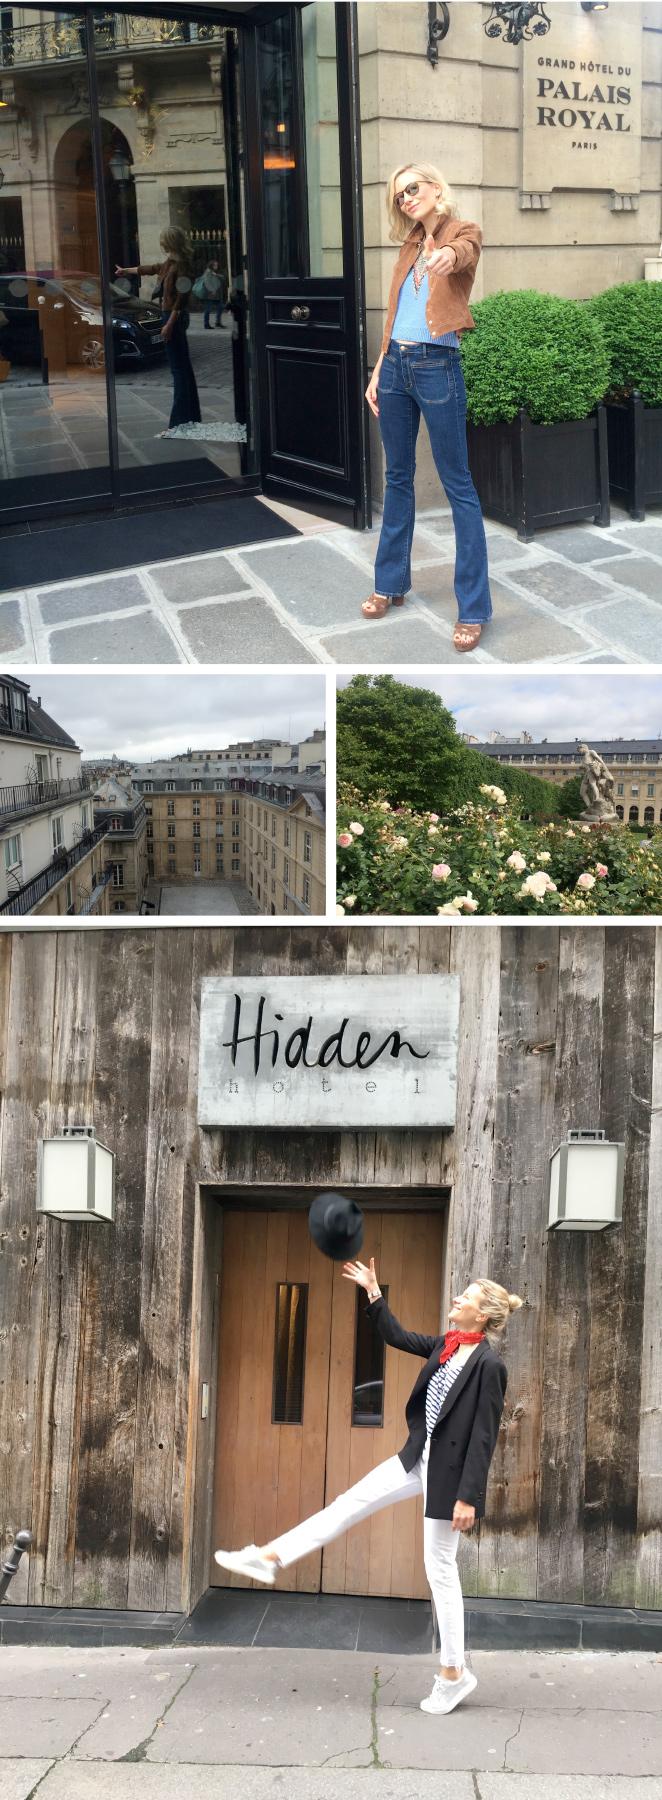 """Para alojamiento en París, recomendaría también el Grand Hotel du Palais Royalpor su óptima localización (justo enfrente de los jardines del Palacio Real) y por la buena calidad de sus instalaciones y servicios. Y si os gusta todo lo """"eco"""", vuestro hotel entonces es el Hiddenque se encuentra cerca del Arco del Triunfo y donde todo es ecológico desde la comida, mobiliario hasta los productos de baño!!"""